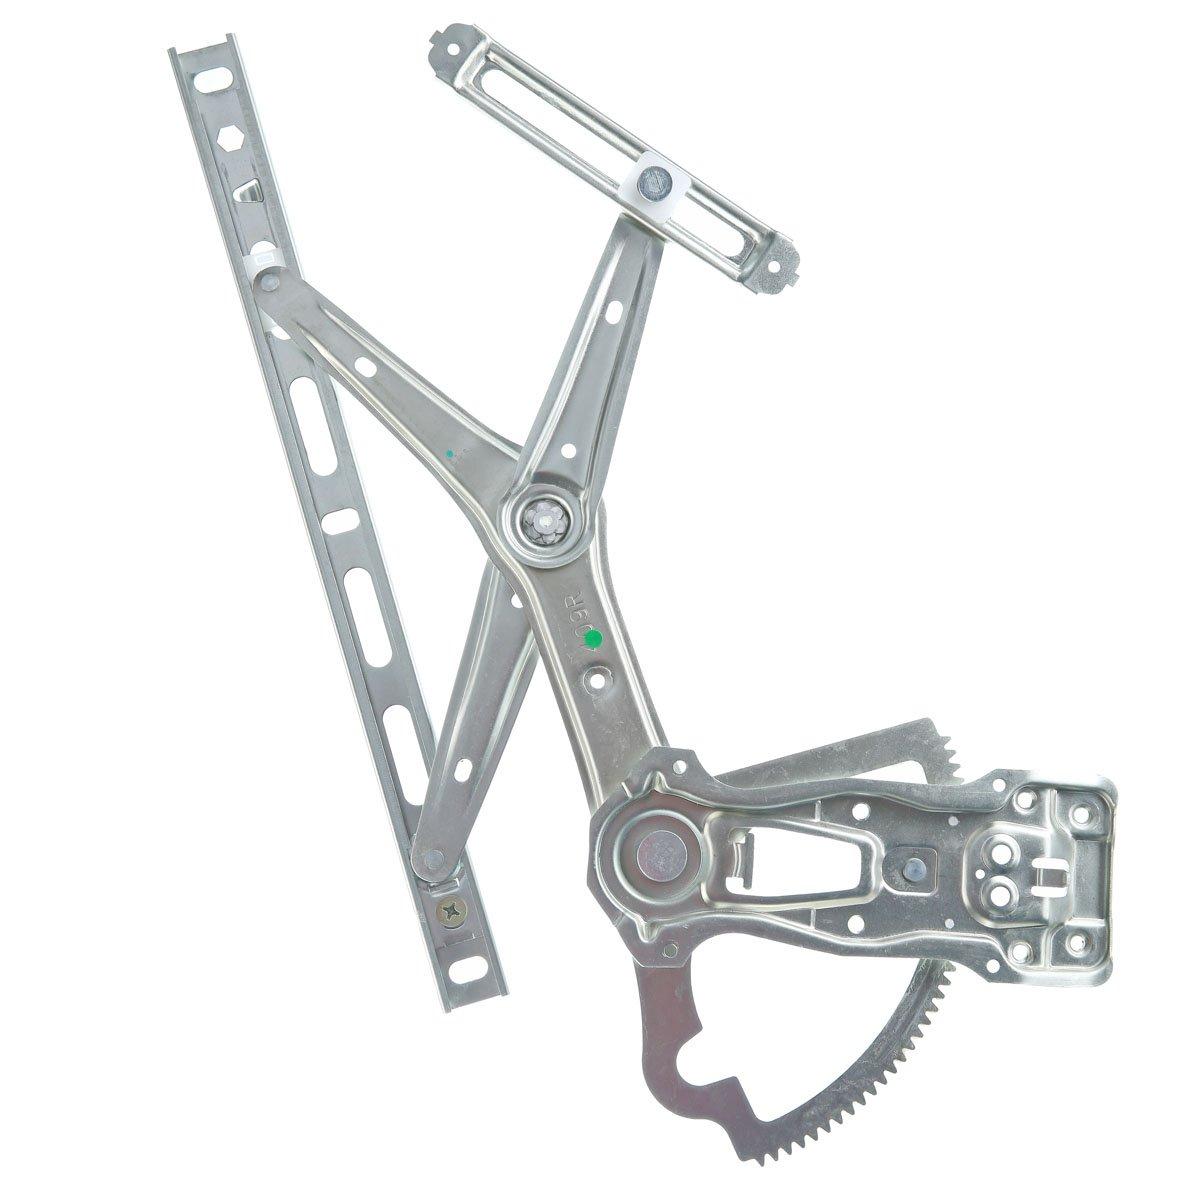 Fensterheber Ohne Motor Vorne Rechts f/ür R170 SLK200 SLK230 1996-2000 1707200846